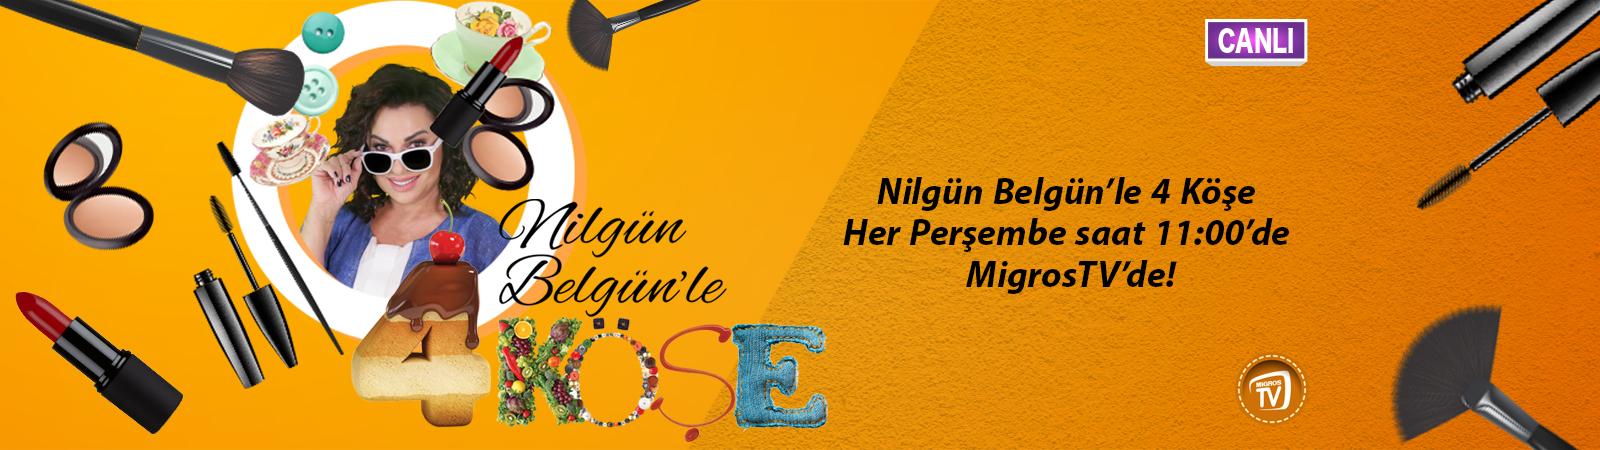 Nilgün Belgün'le 4 Köşe MigrosTV'de!